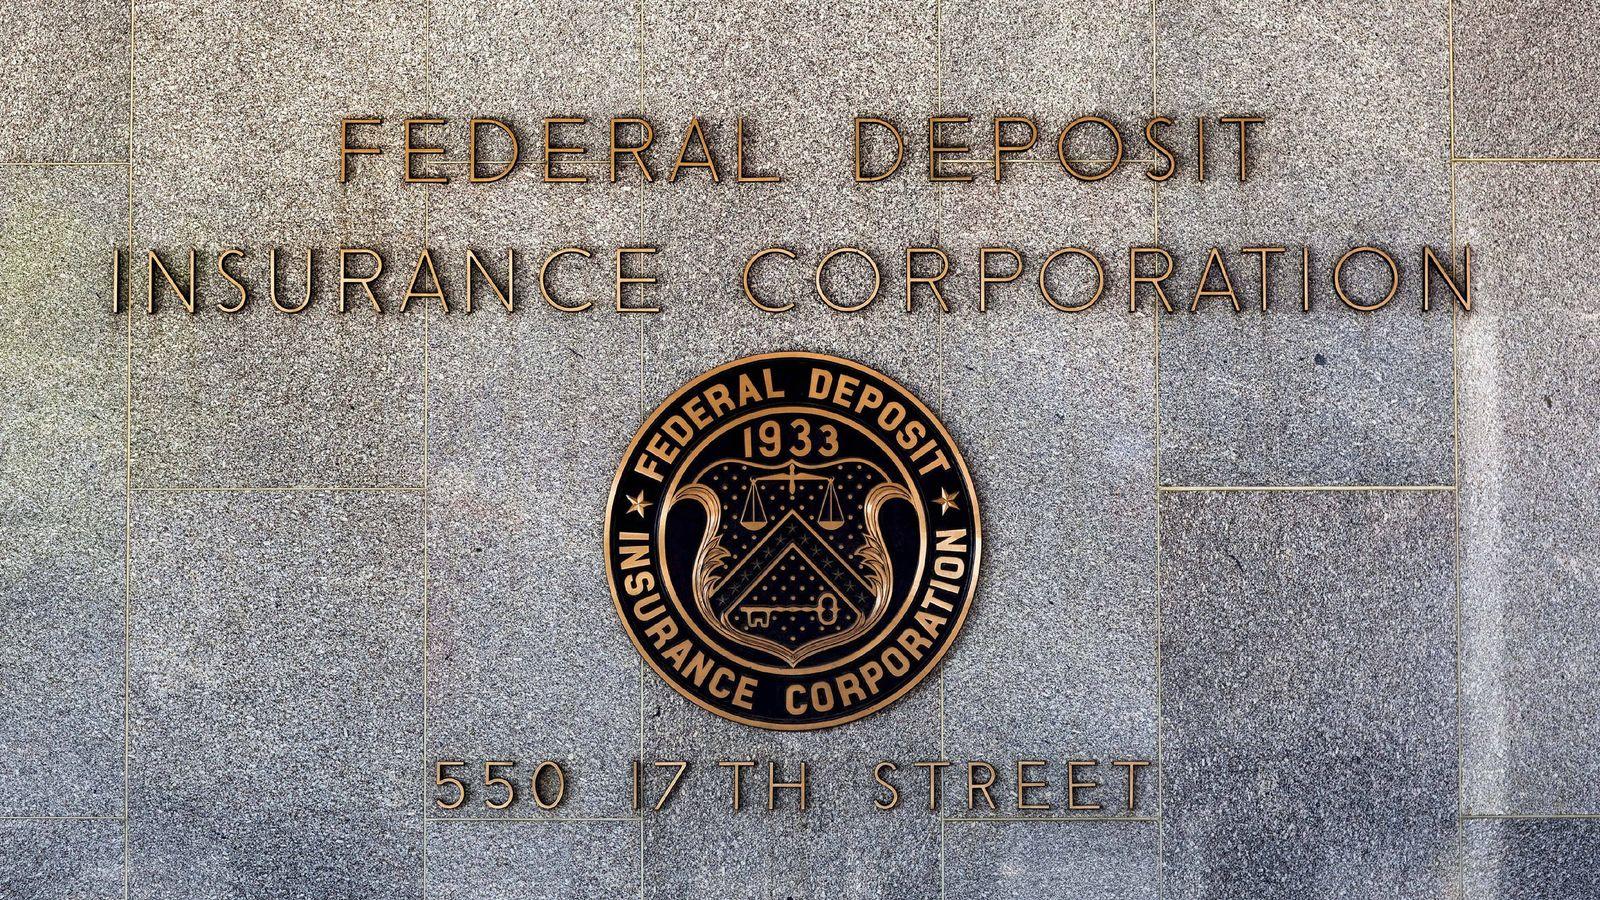 Foto: Sede del FDIC, organismo norteamericano encargado de rescatar entidades, en Washington. (EFE)